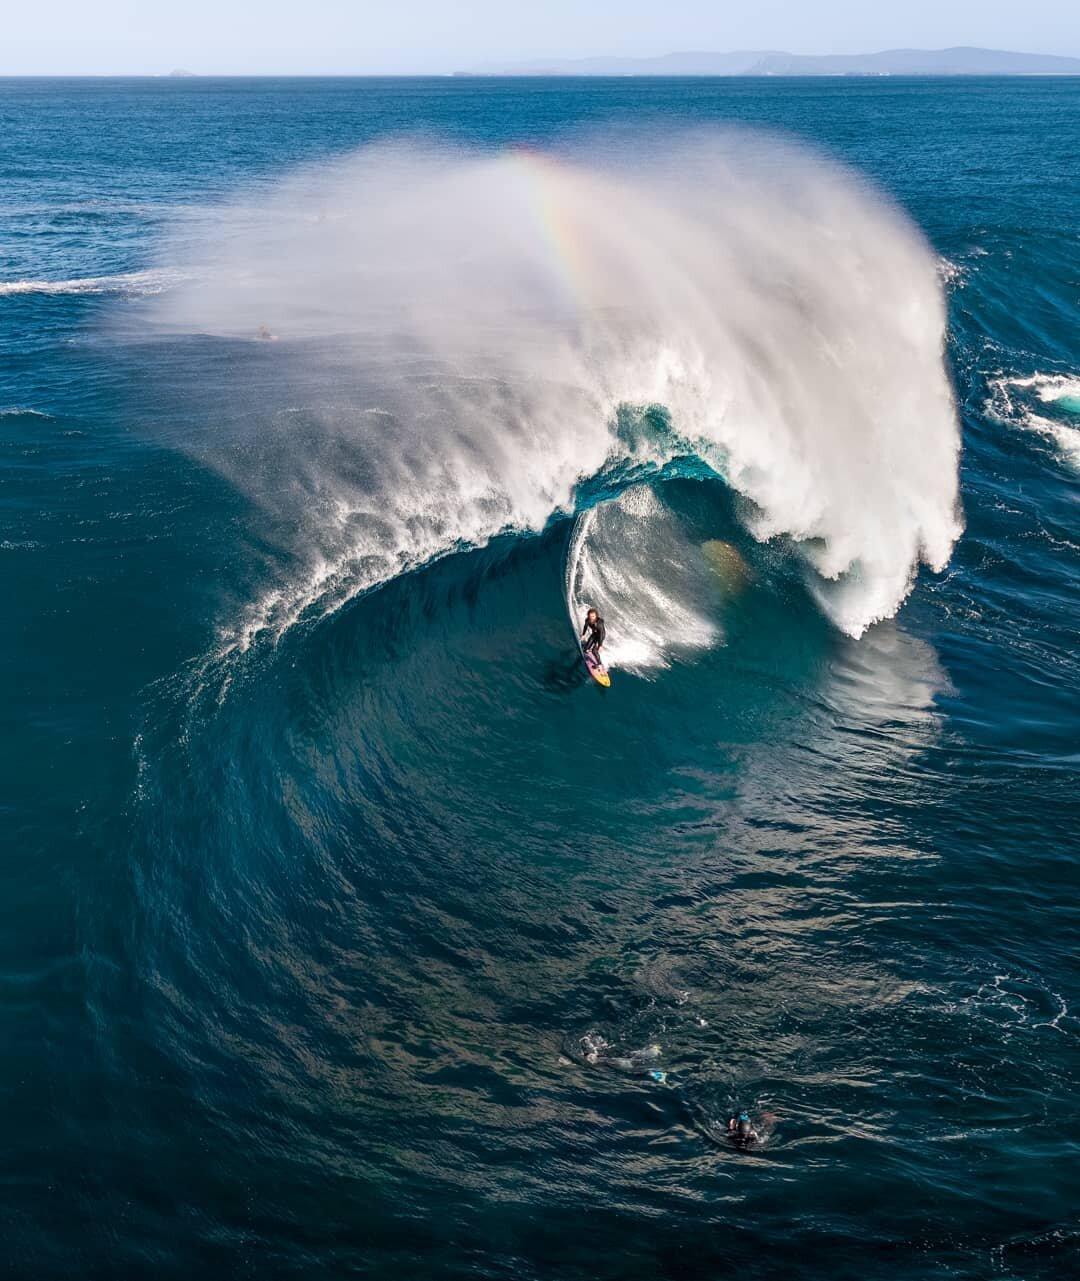 Kyle Bowman West Australian Drone, Landscape and Surf Photographer